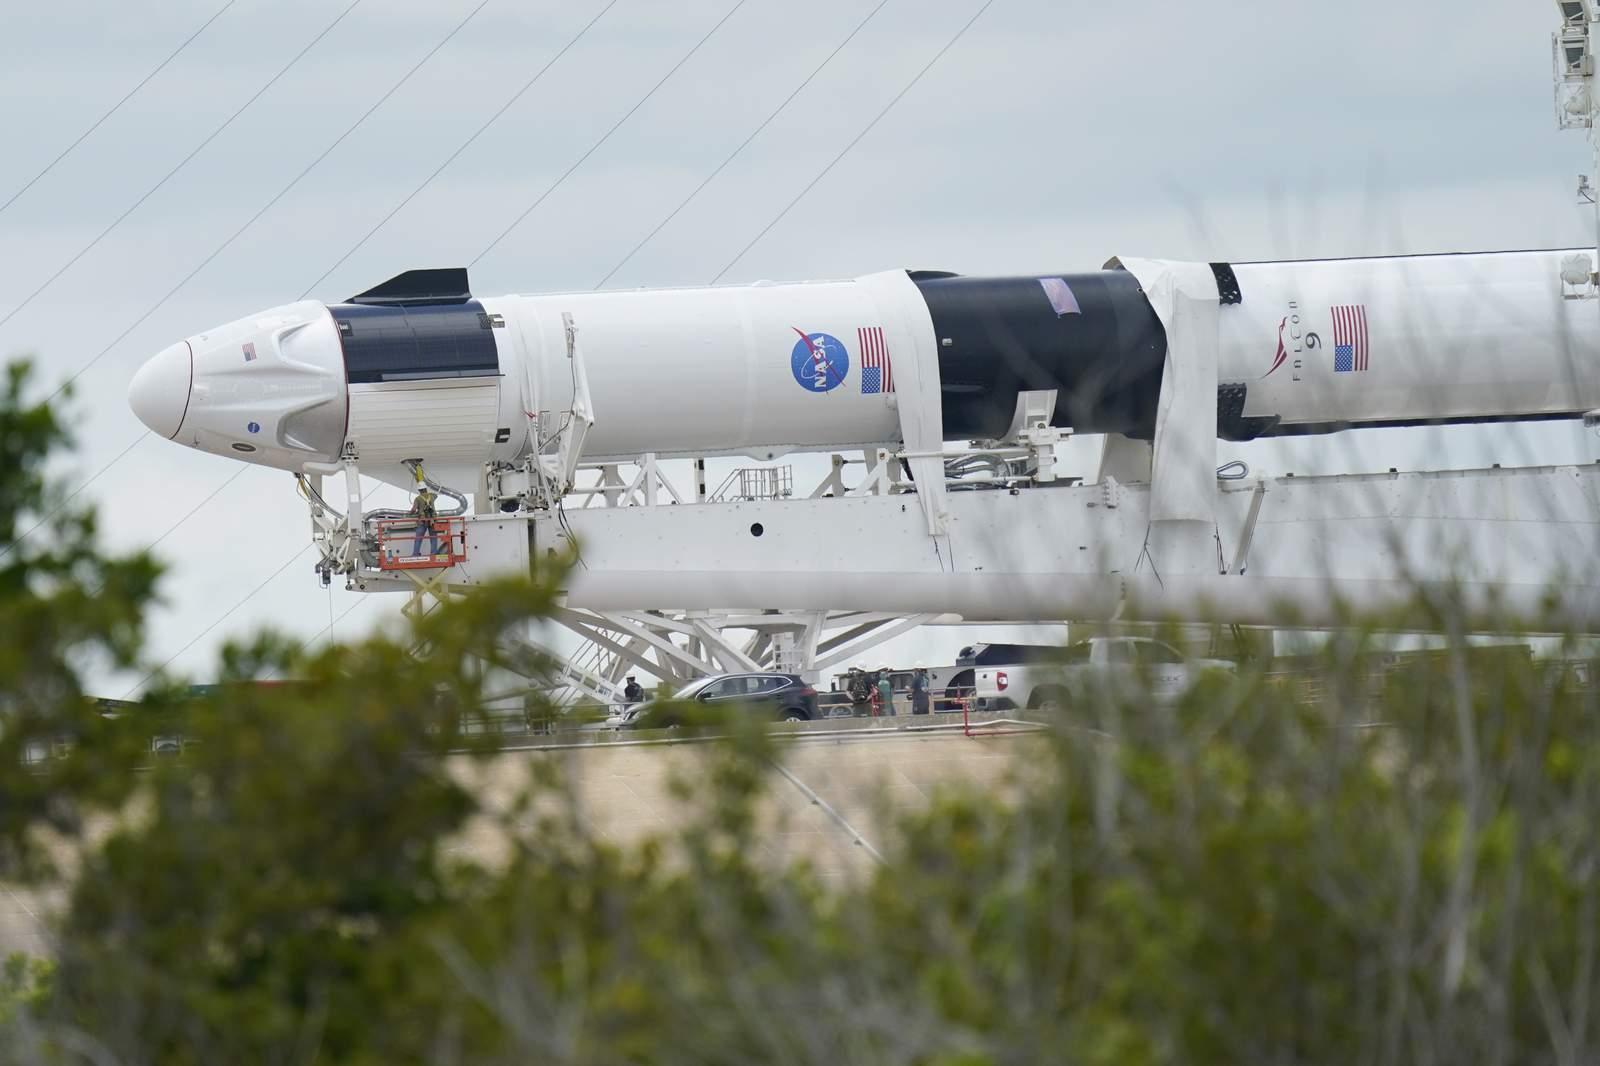 SpaceX enviará dos astronautas a la Estación Espacial Internacional